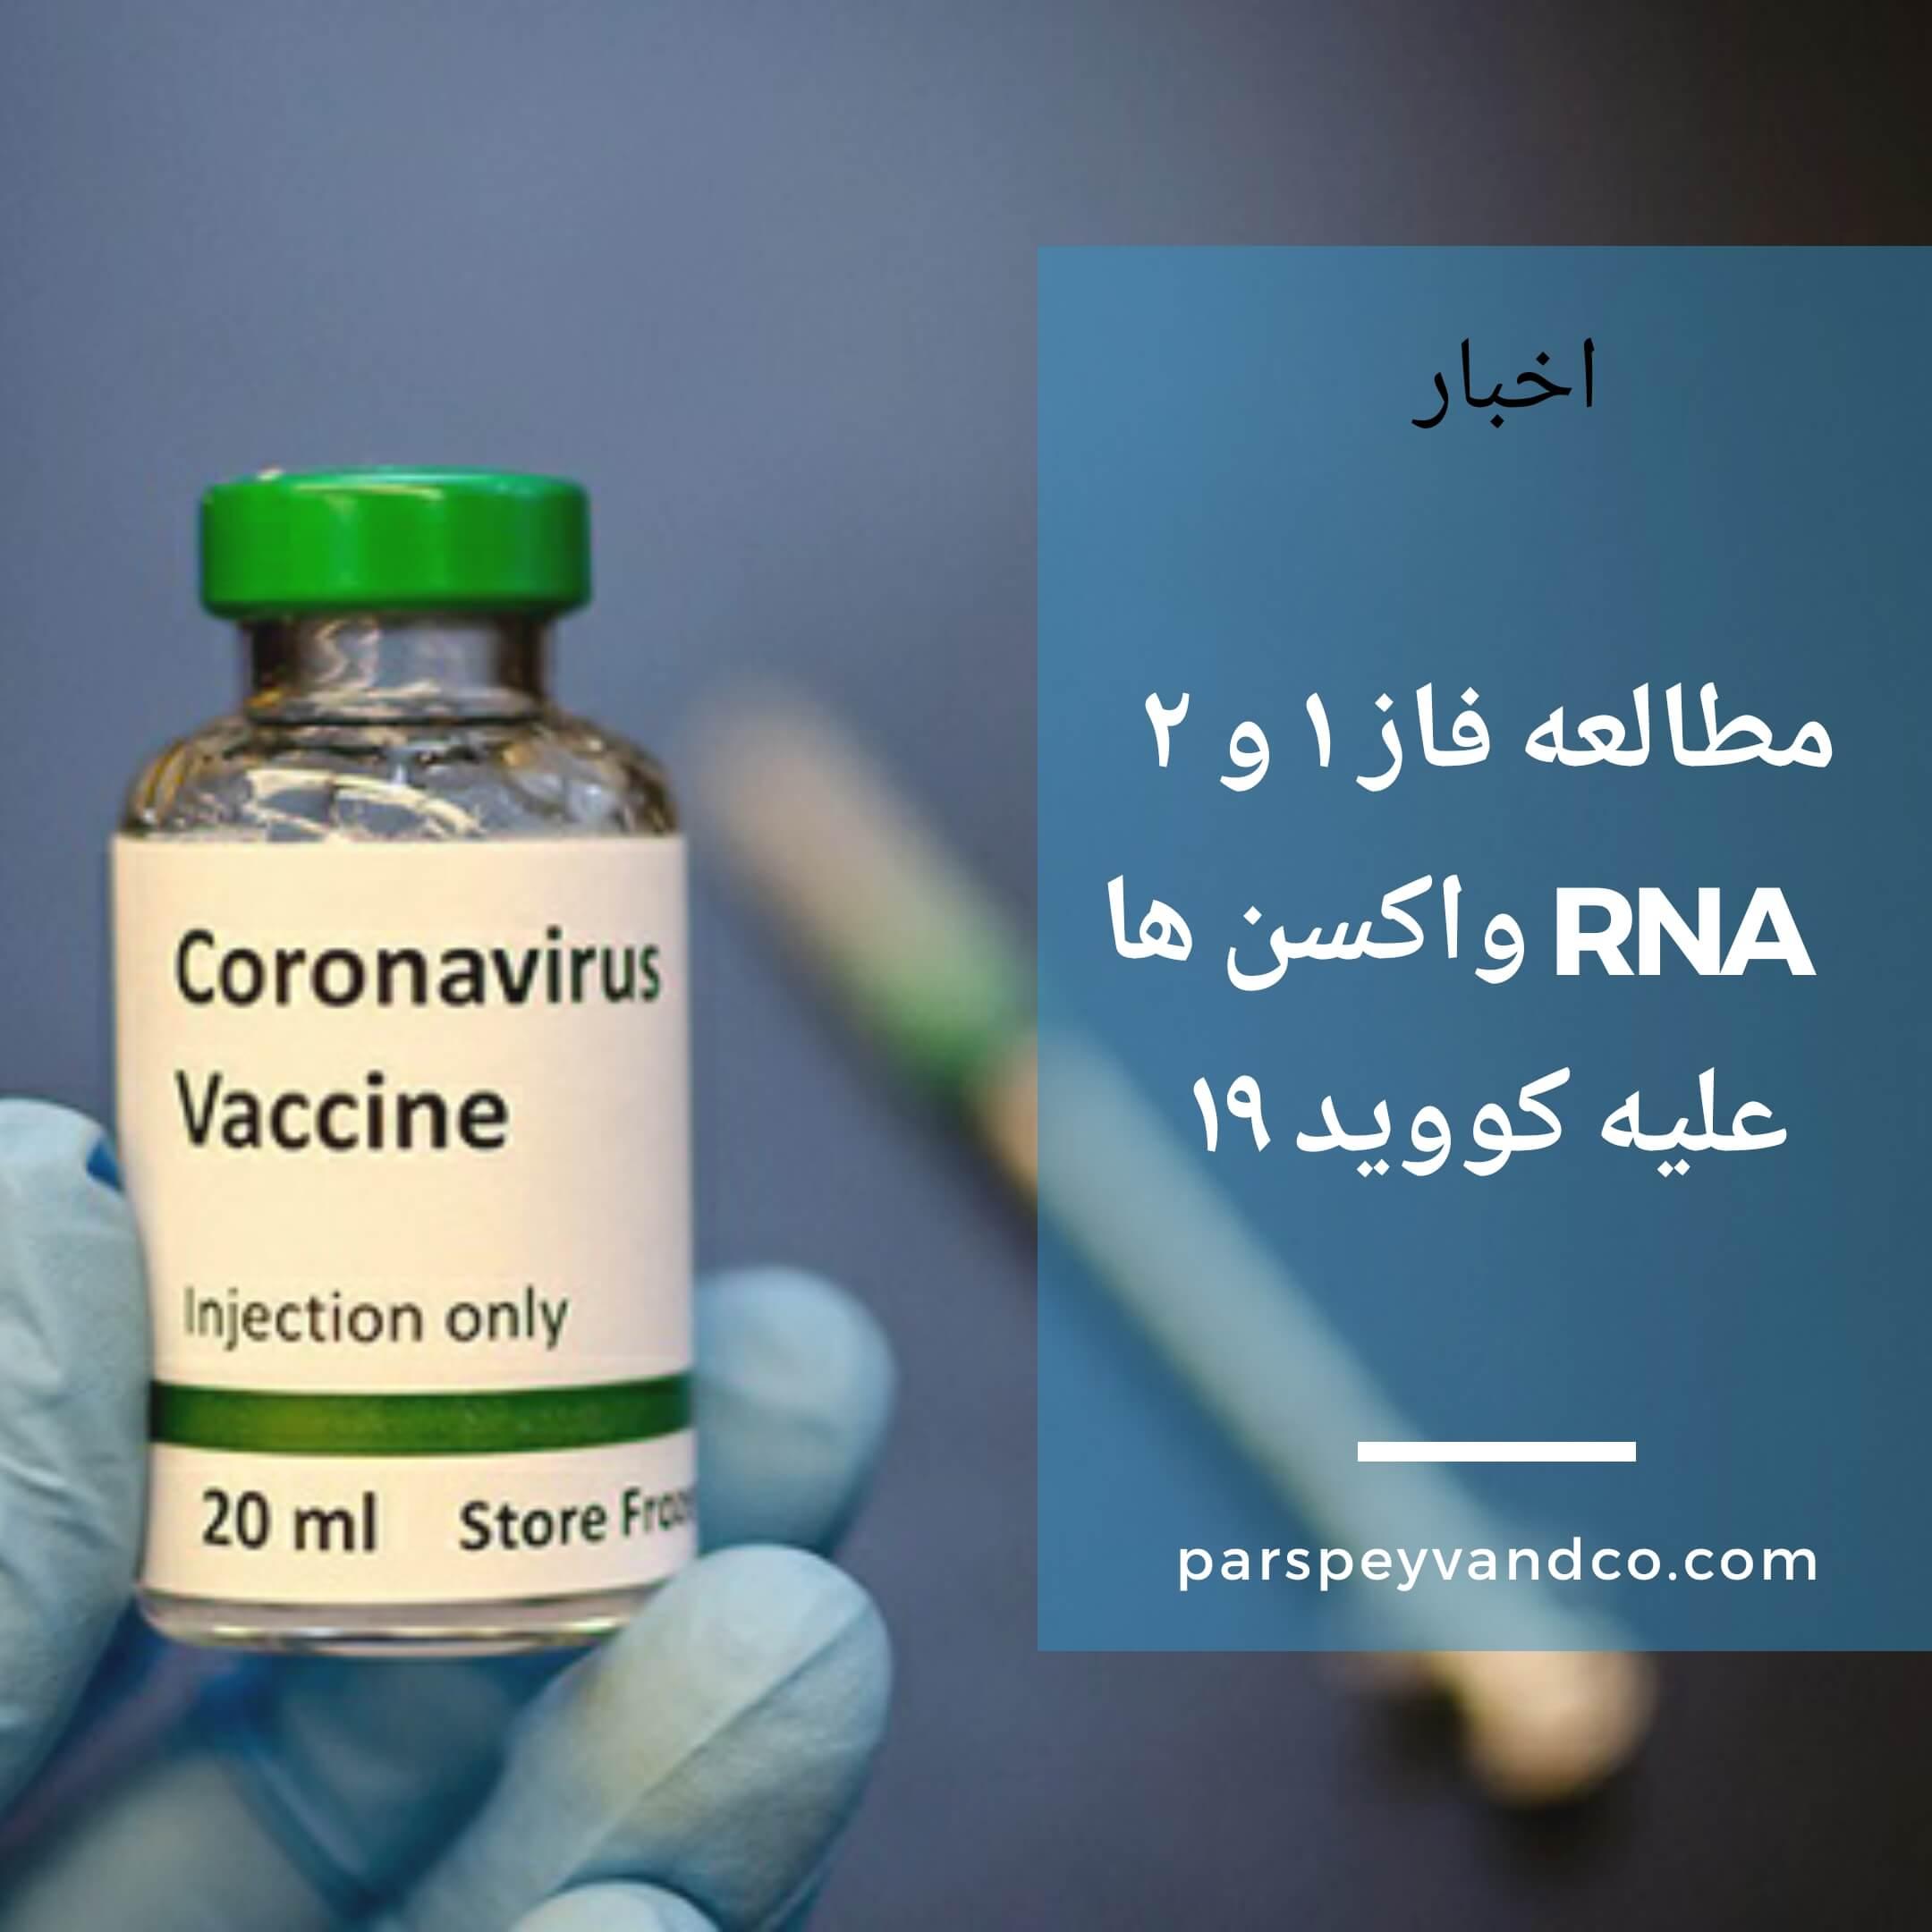 مزایای RNA واکسن